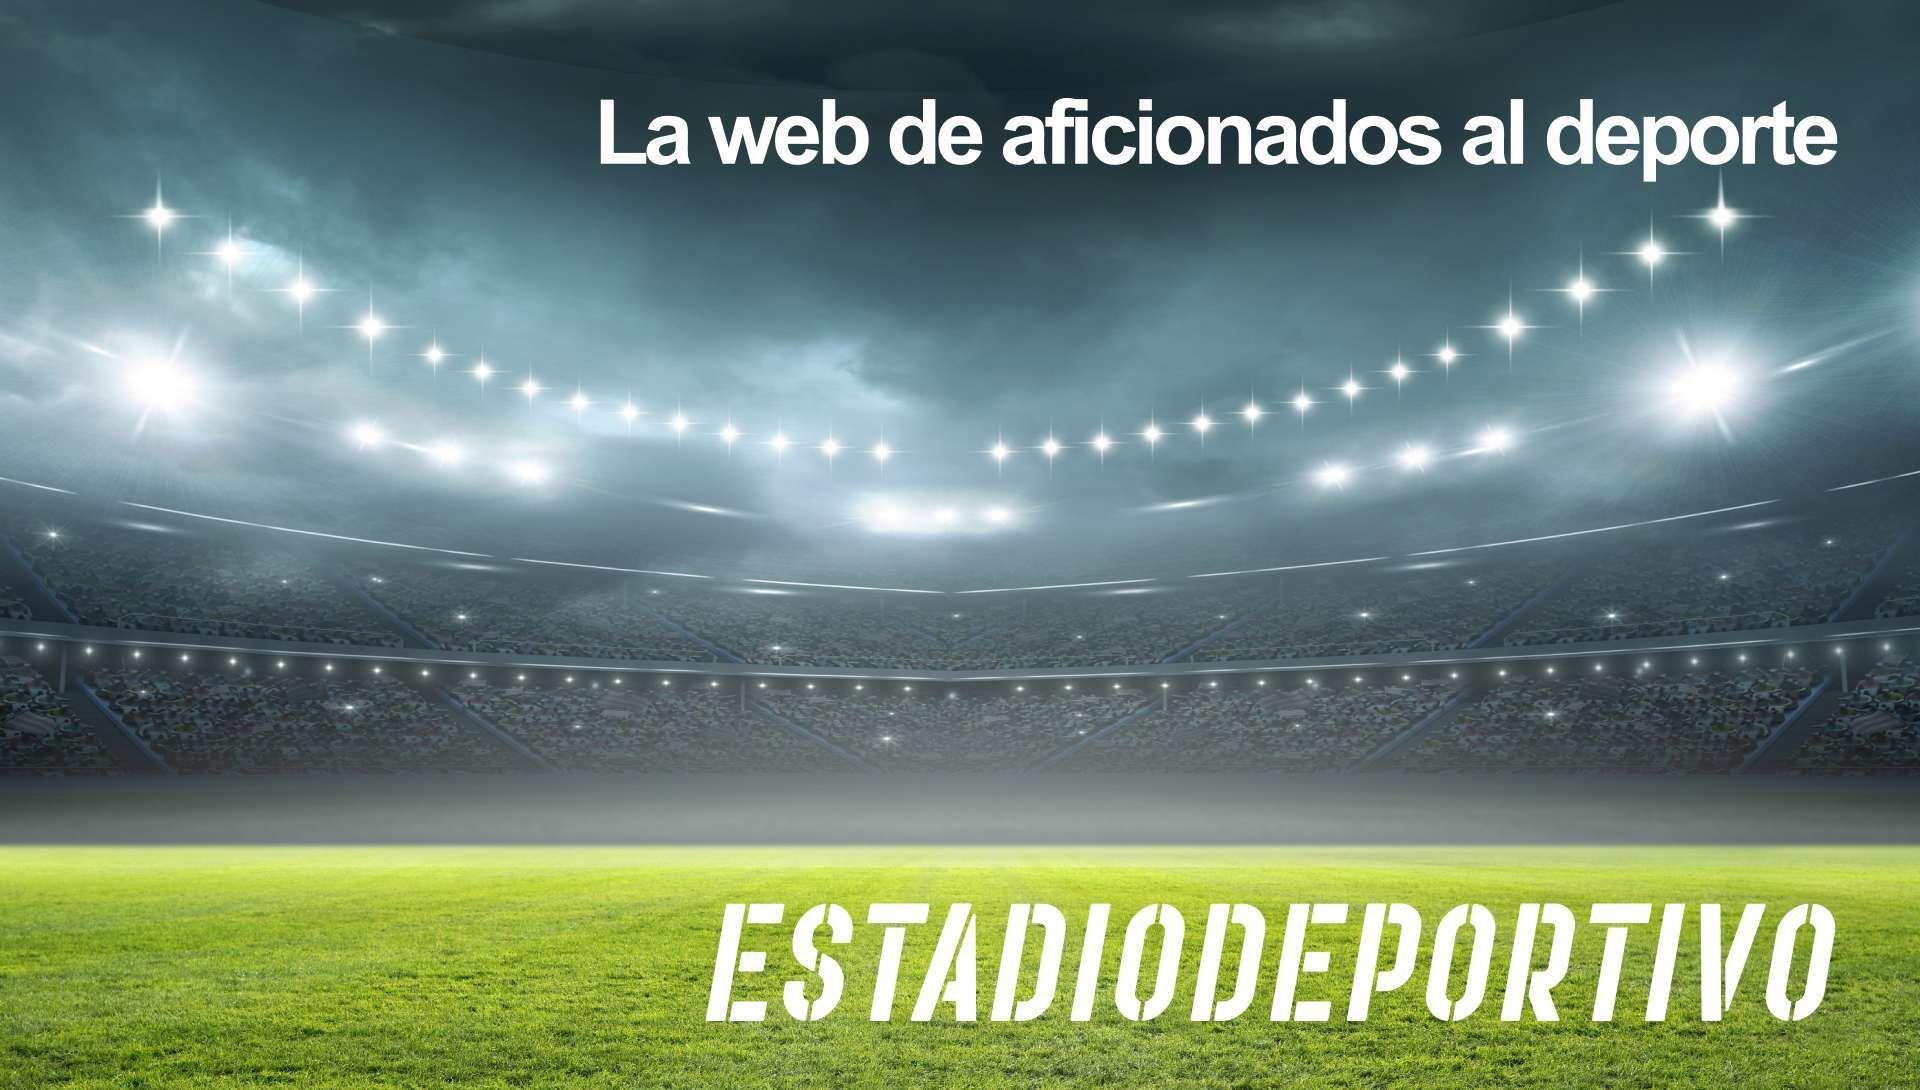 Las portadas del sábado 13 de febrero